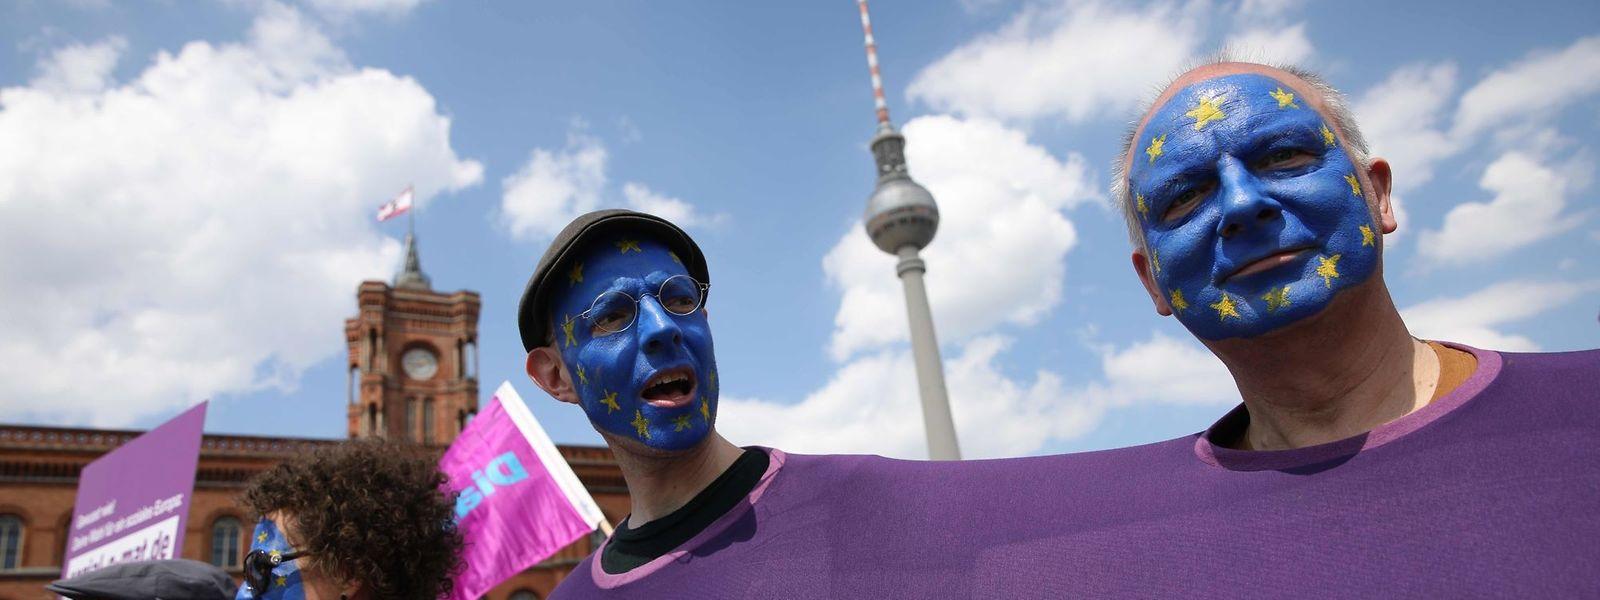 61% des citoyens européens considèrent positivement l'adhésion de leur pays à l'UE.